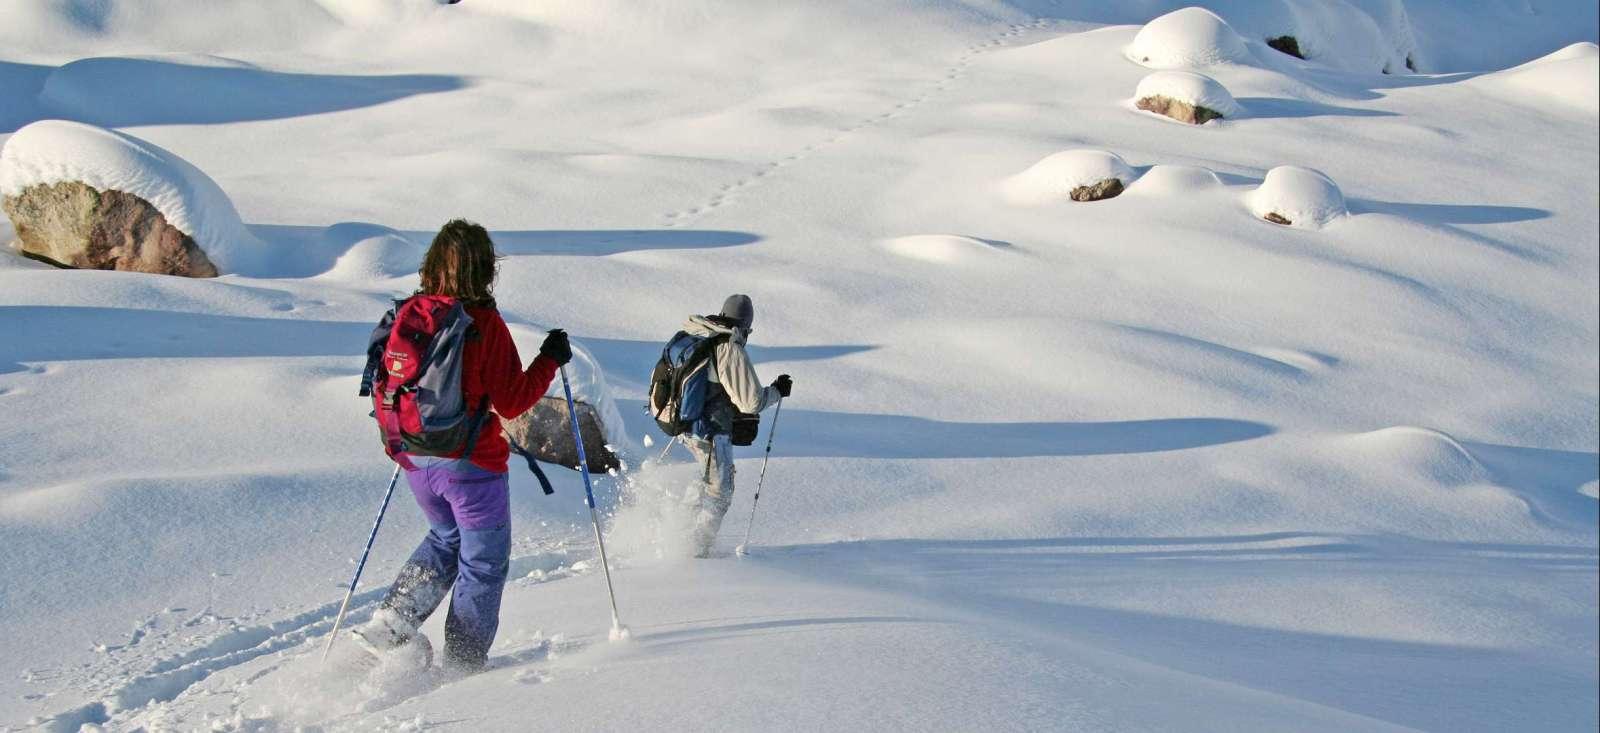 Voyage à la neige : L'Arménie à raquette, une première !